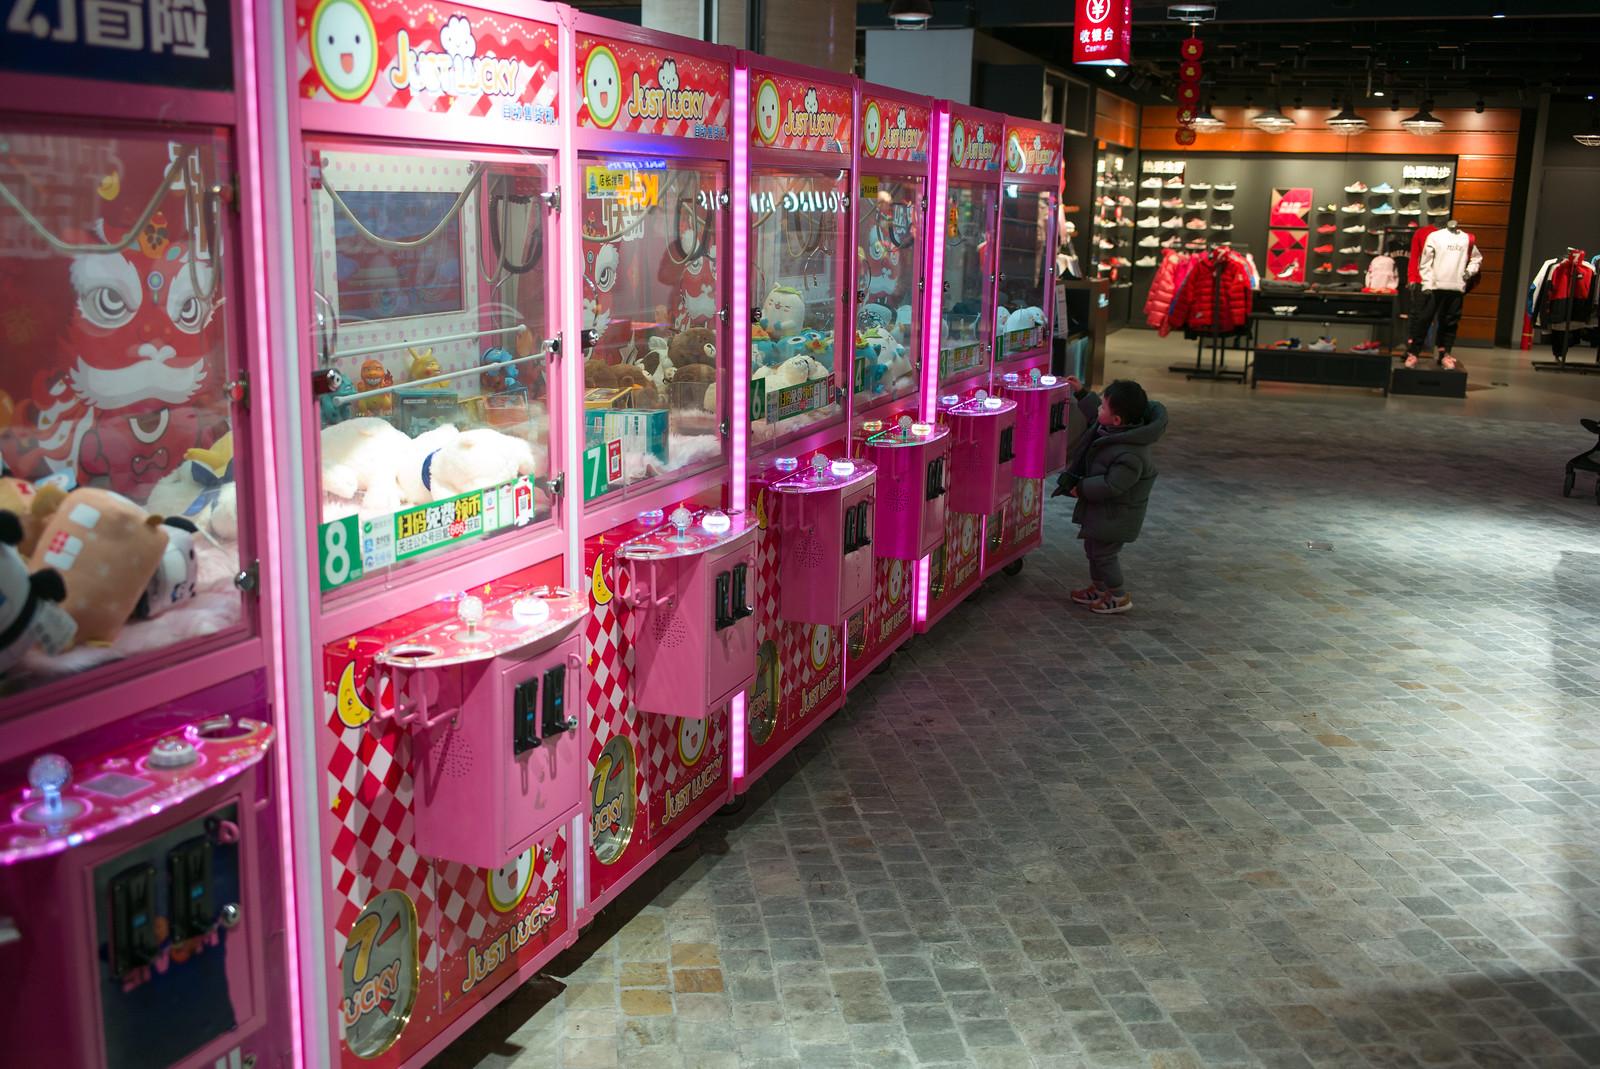 Lippenstiftautomaten